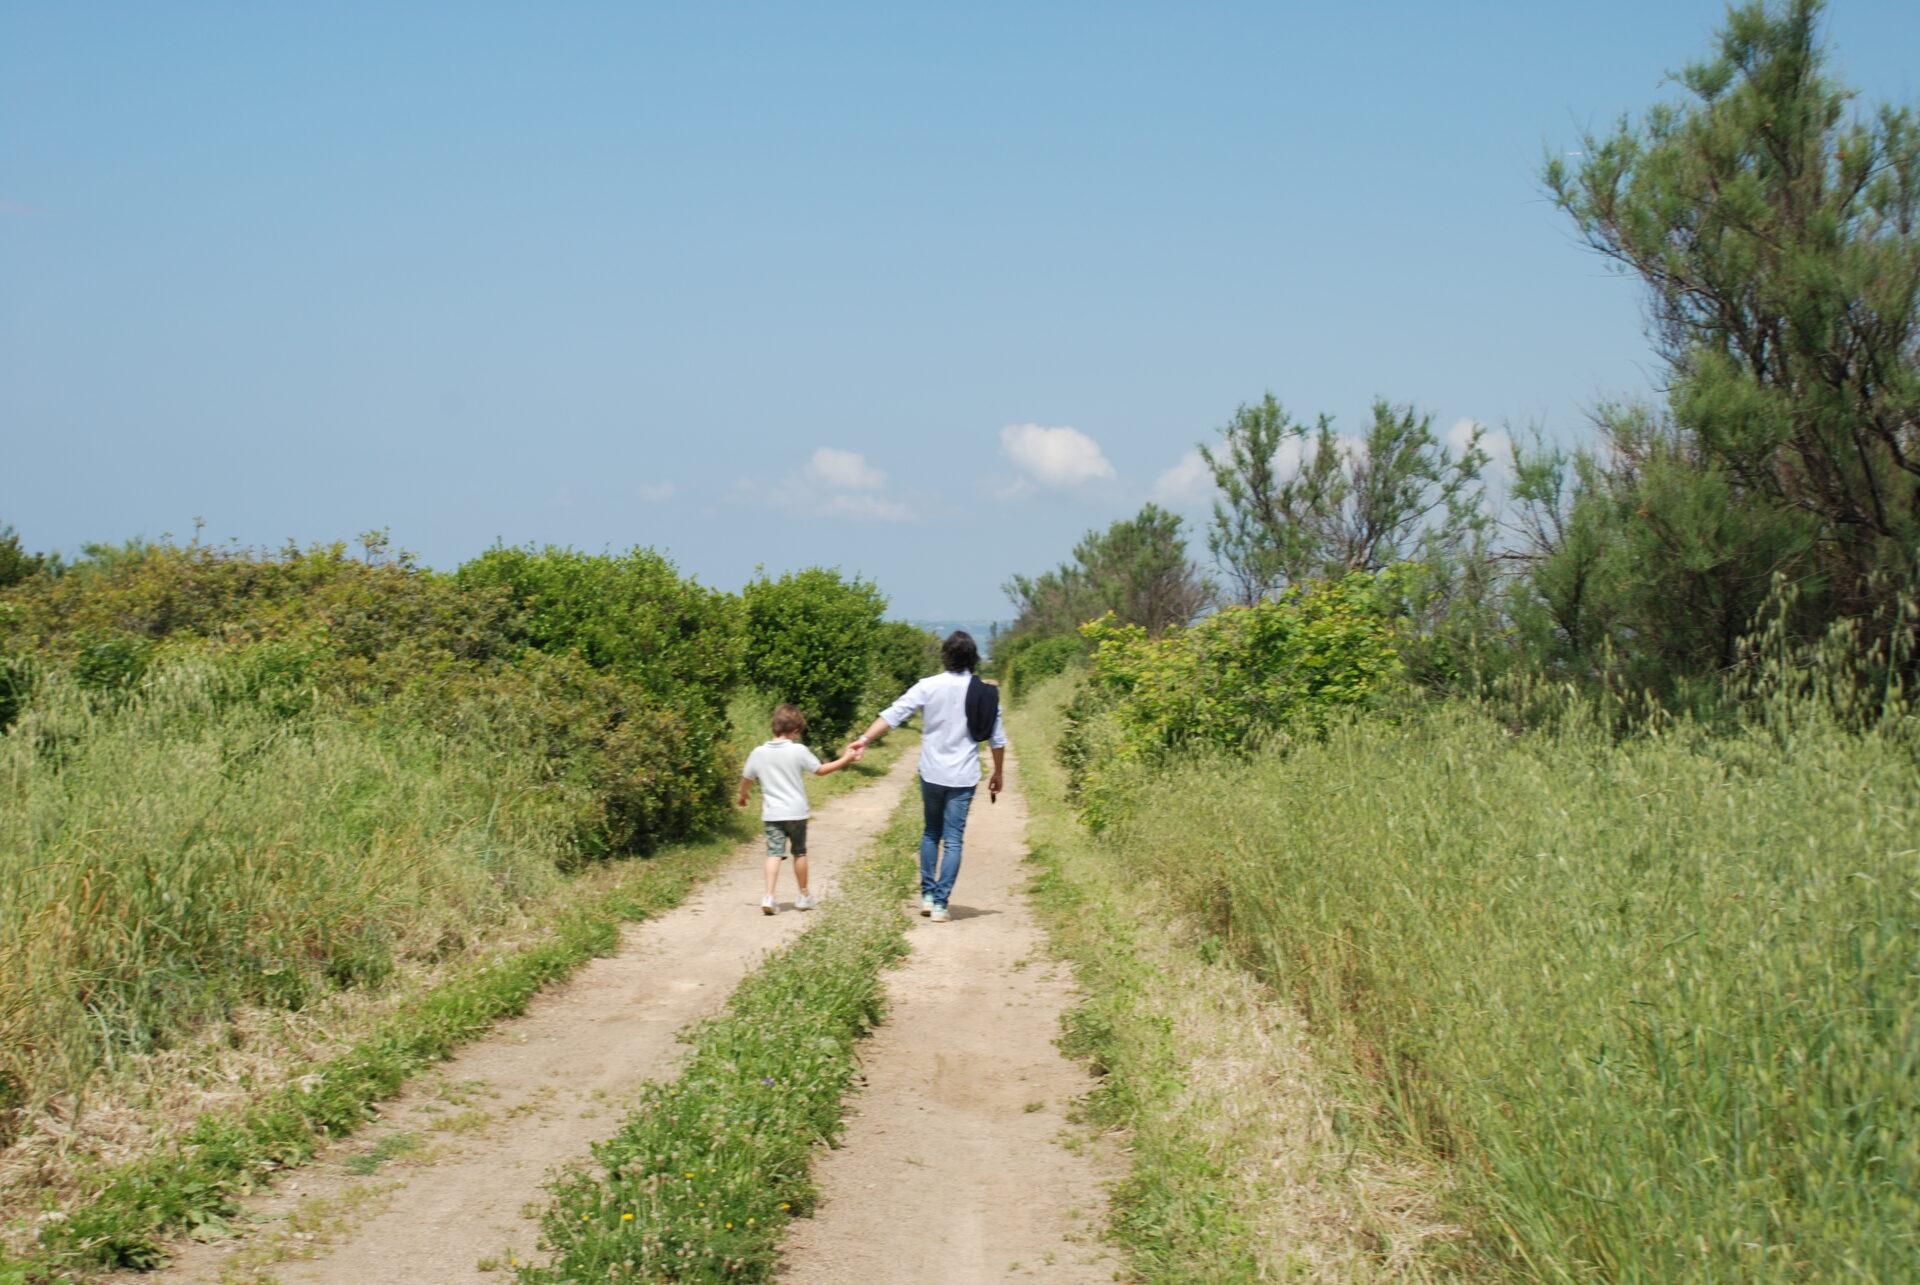 Santa Severa con bambini. Località turistica per famiglie